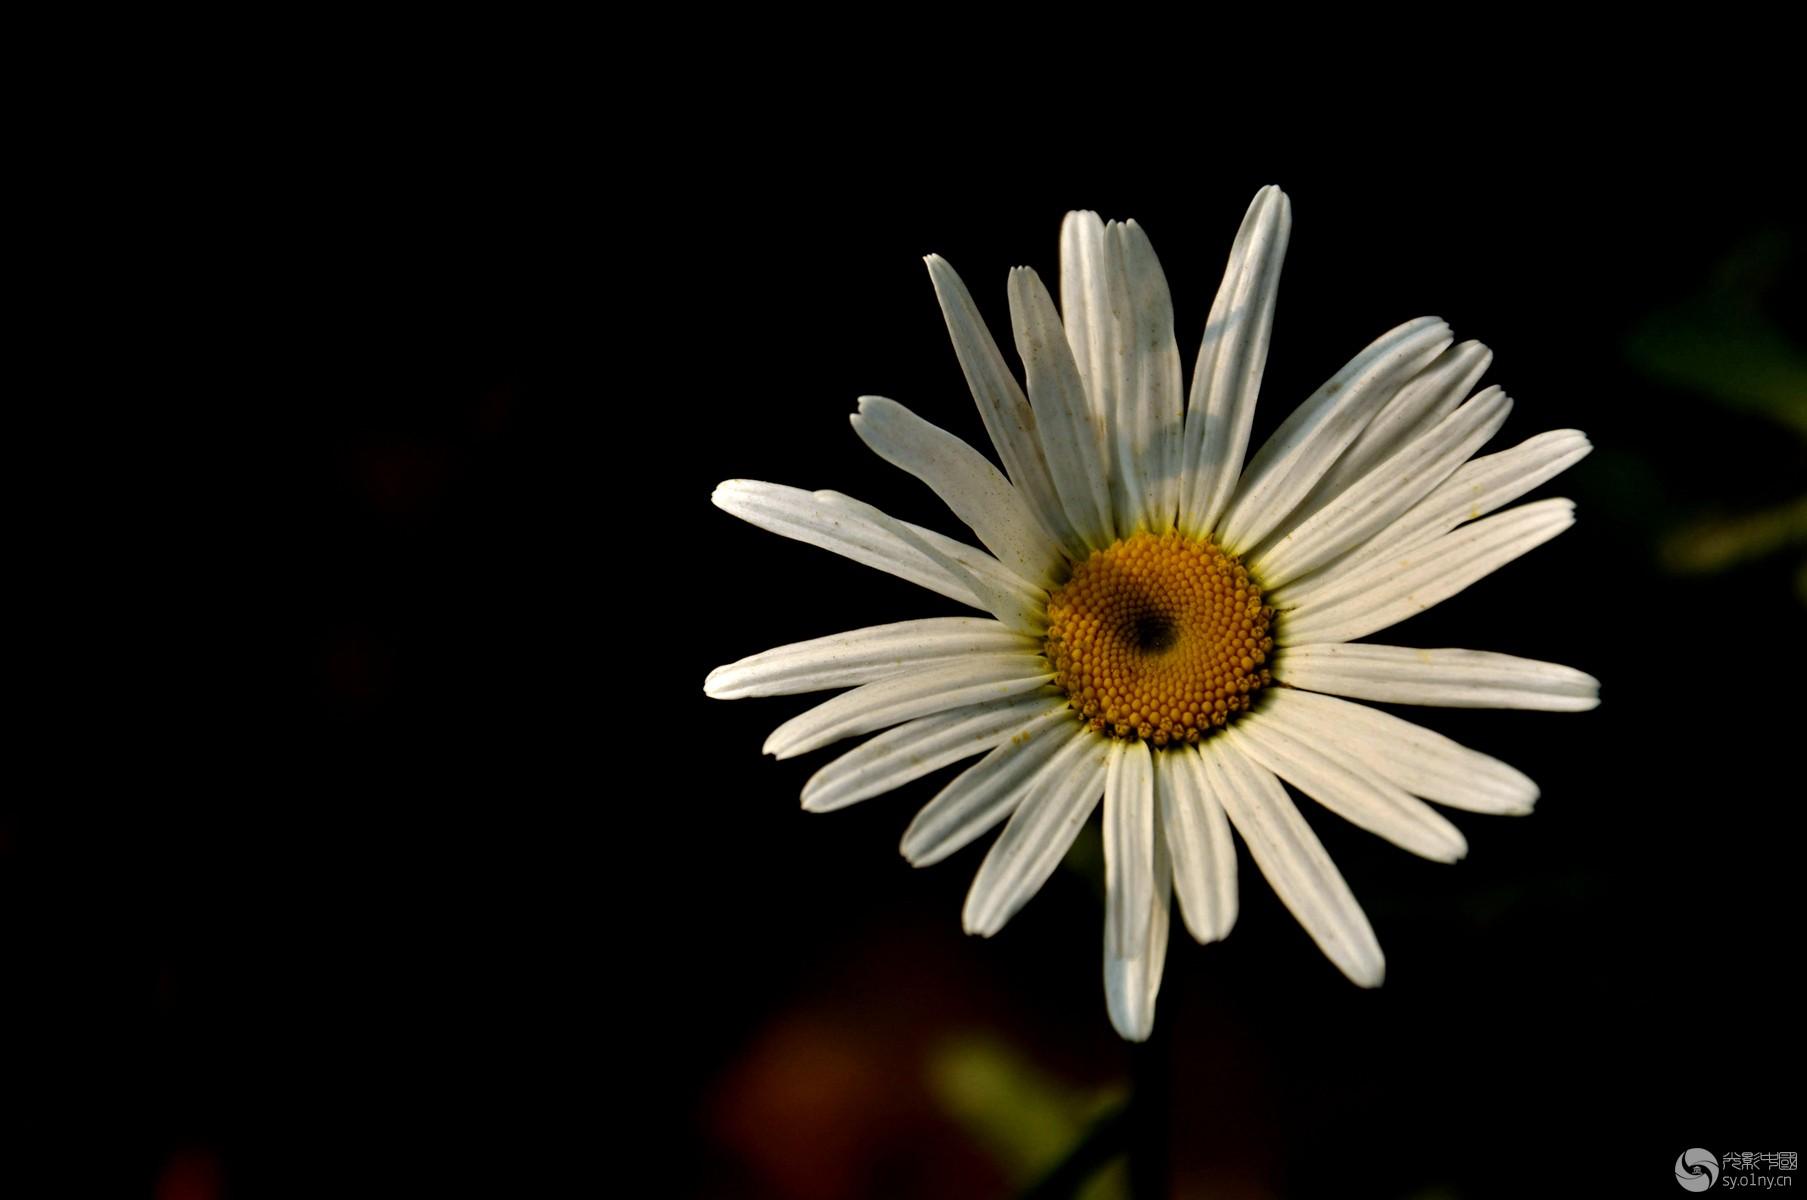 漂亮的花儿,叫不上名字 花卉草木 36行南阳社区 36.01ny.cn 光影中国